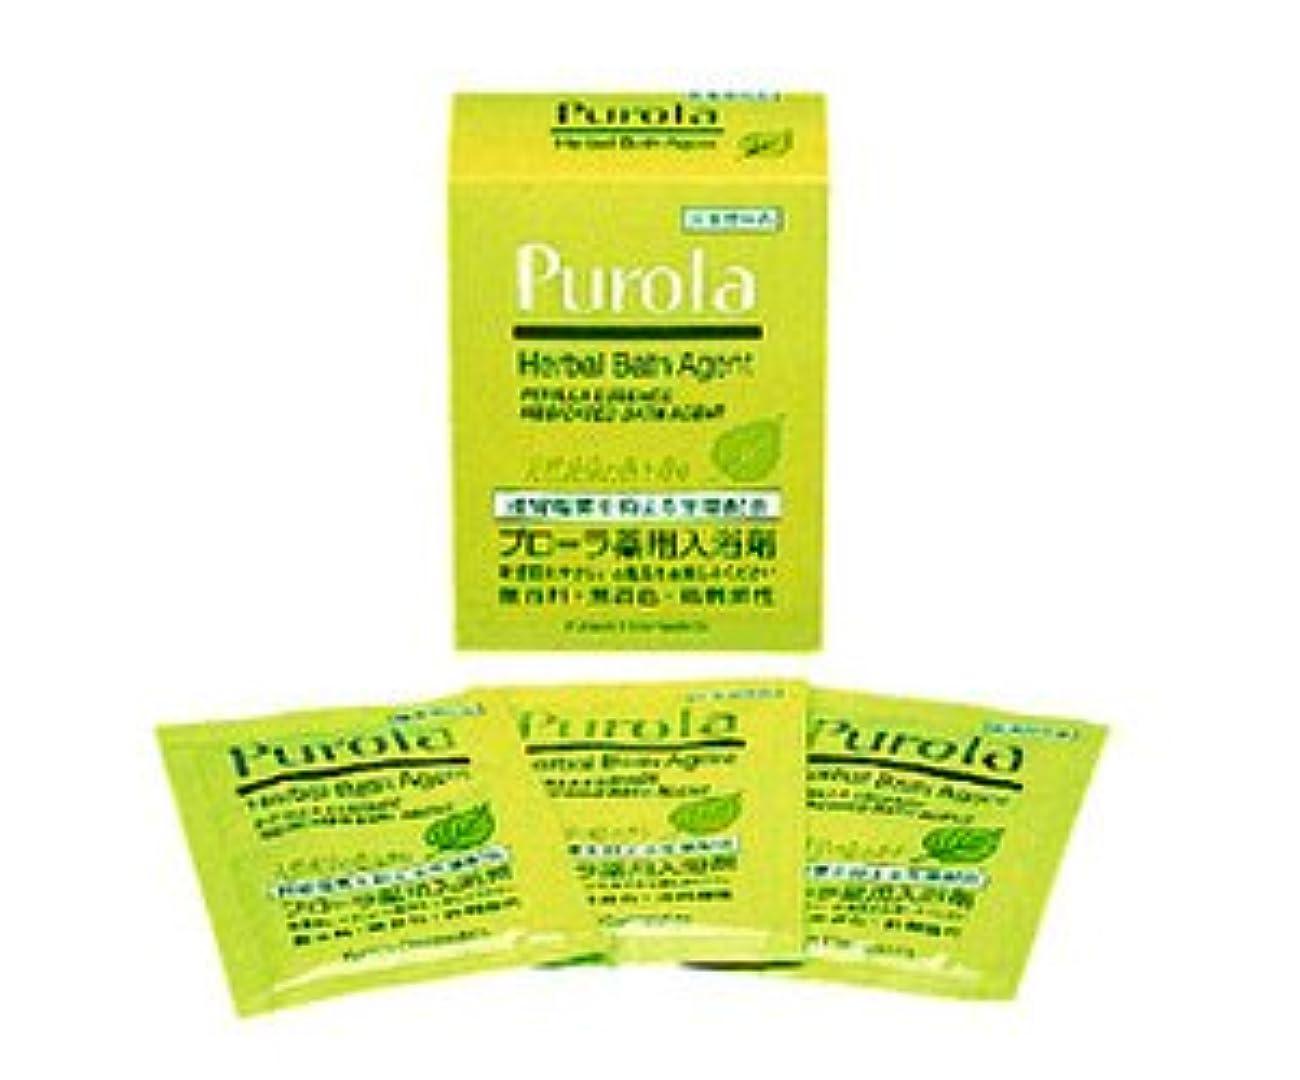 の前でリサイクルする人柄プローラ薬用入浴剤 25g×10包 低刺激性入浴剤